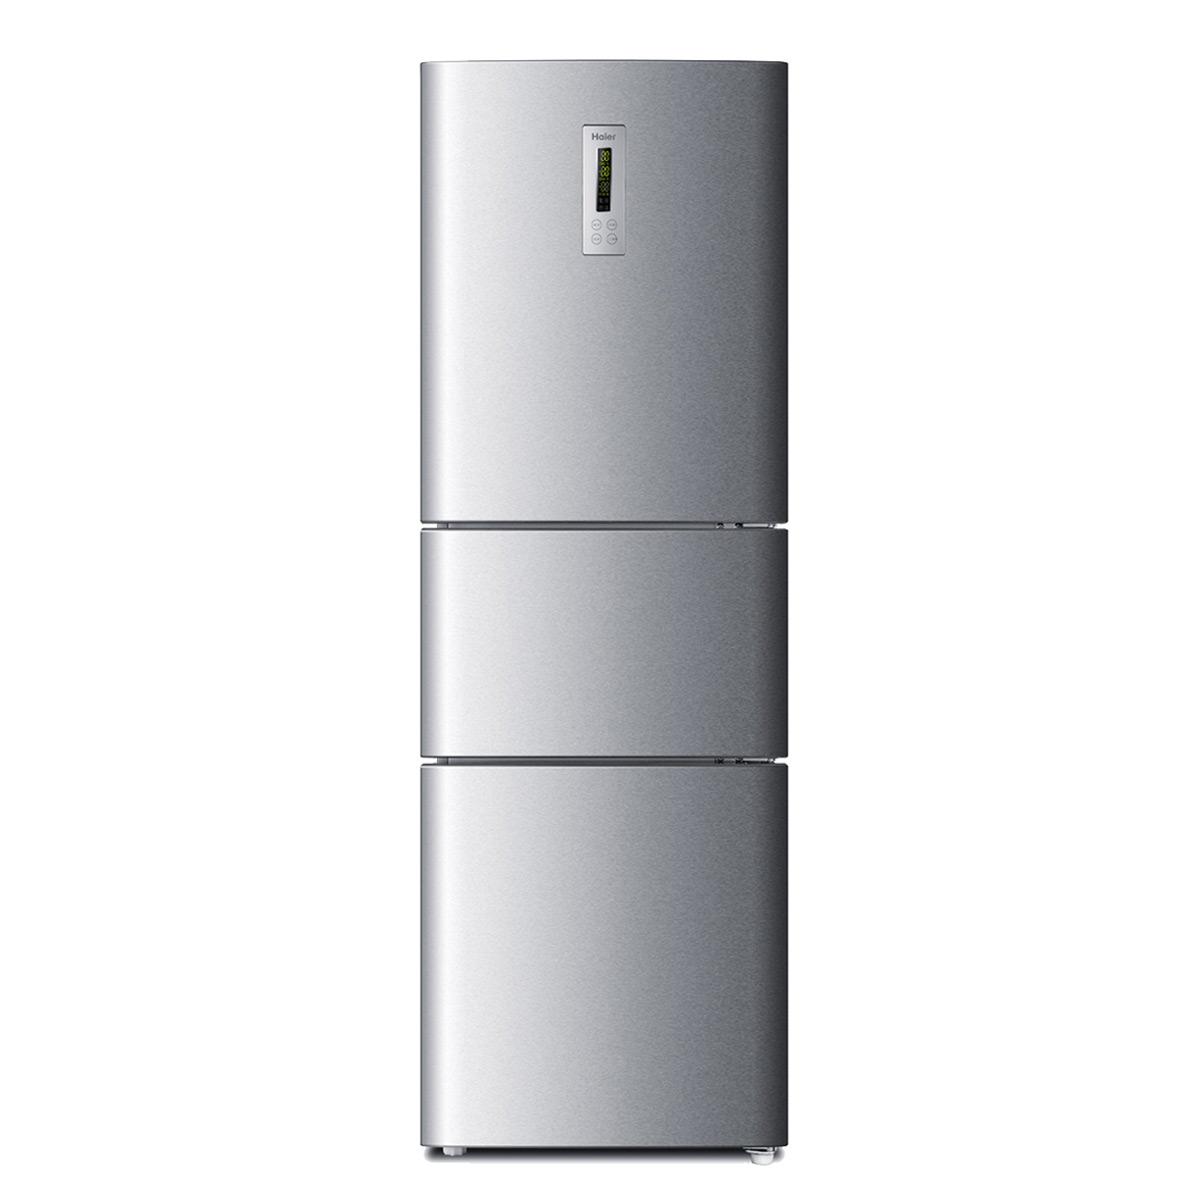 海尔Haier冰箱 BCD-215SEBB 说明书